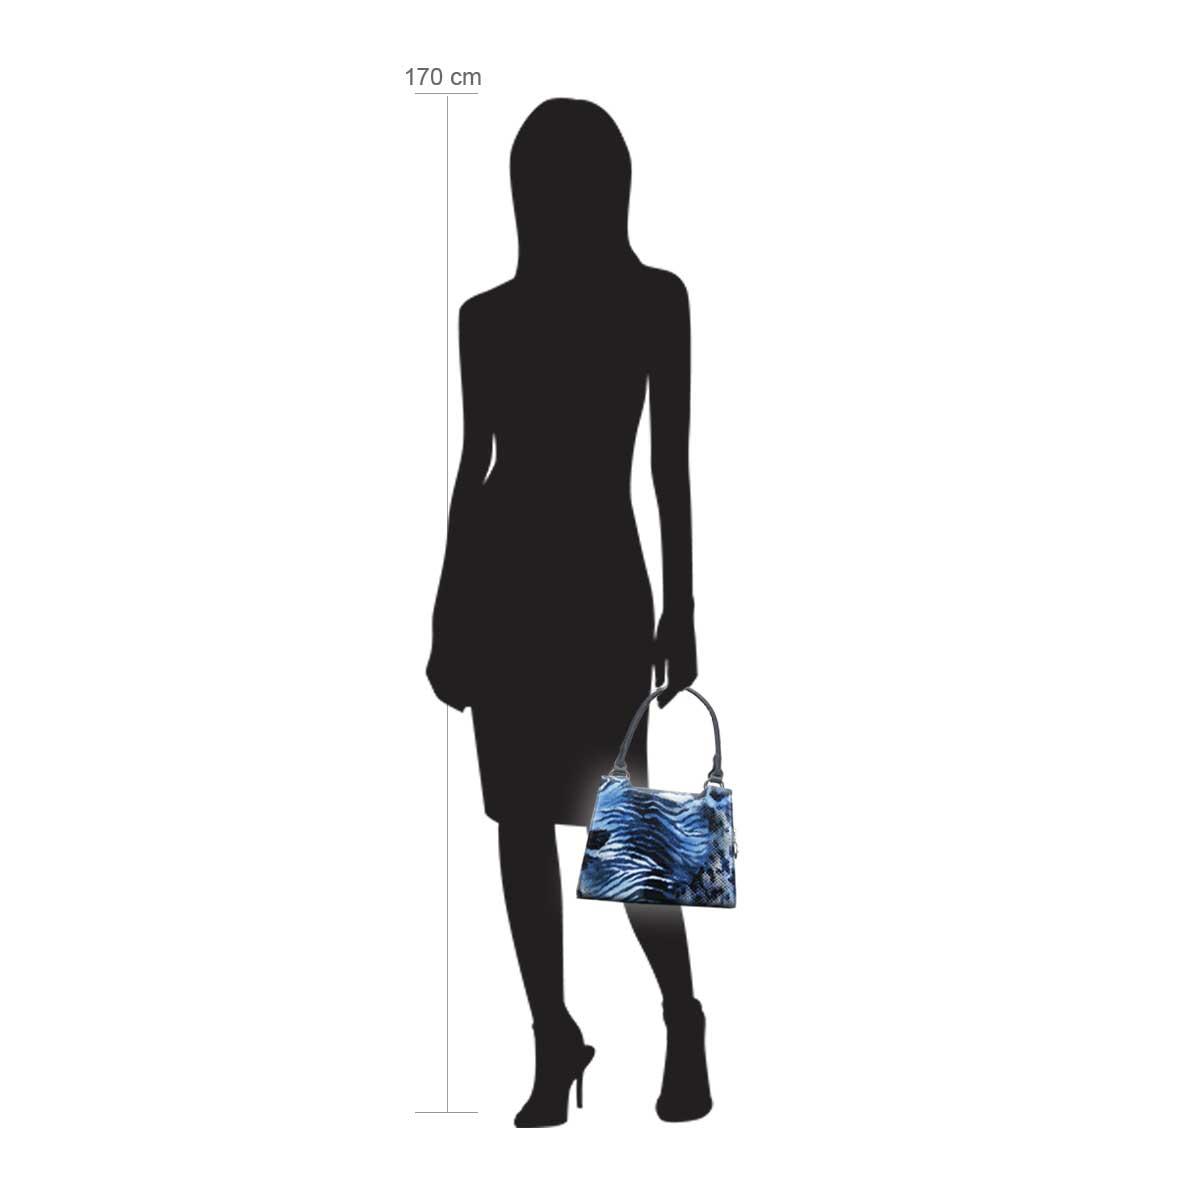 Modellpuppe 170 cm groß zeigt die Handtaschengröße an der Person Modell:Bermuda